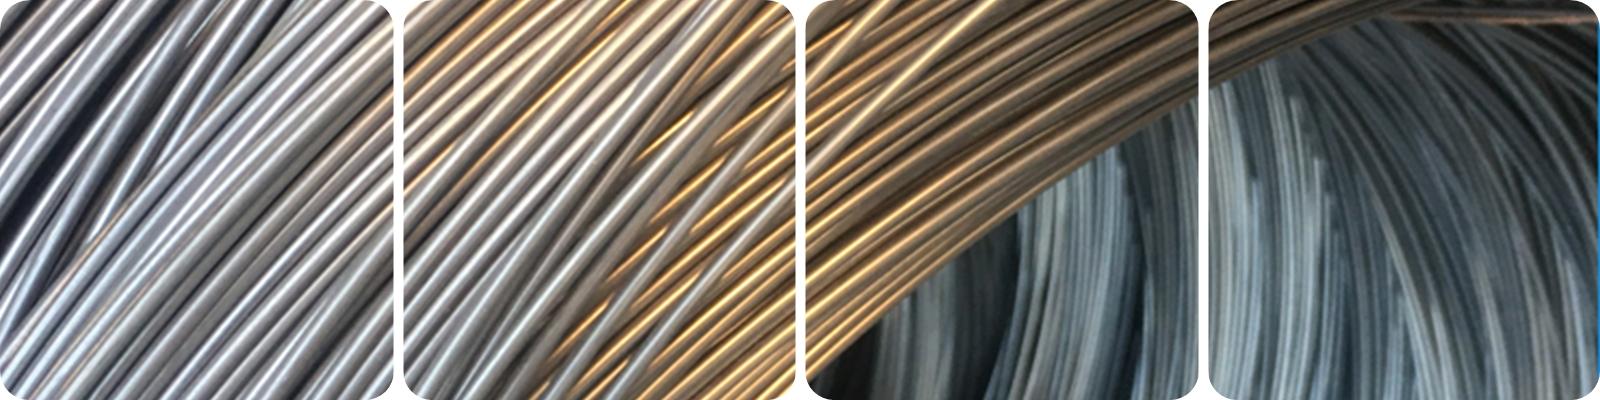 Sarma otel carbon arc conf EN 10270-1